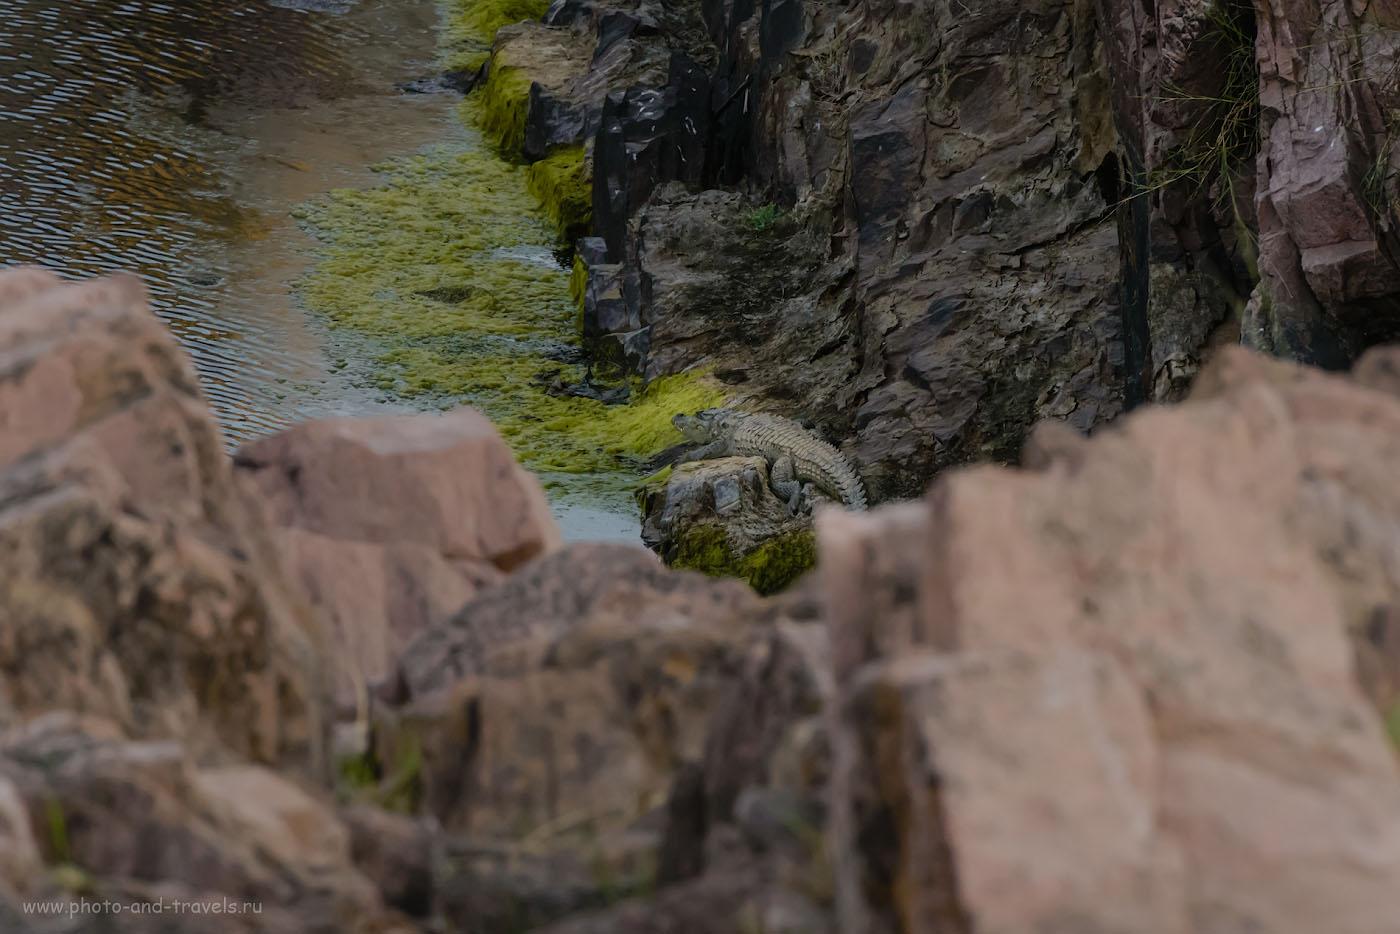 Фото 10. Фотоохота на крокодила в окрестностях водопадов Raneh Falls. Отчеты туристов об экскурсиях из Кхаджурахо. 1/500, -0.67, 14.0, 6400, 280.